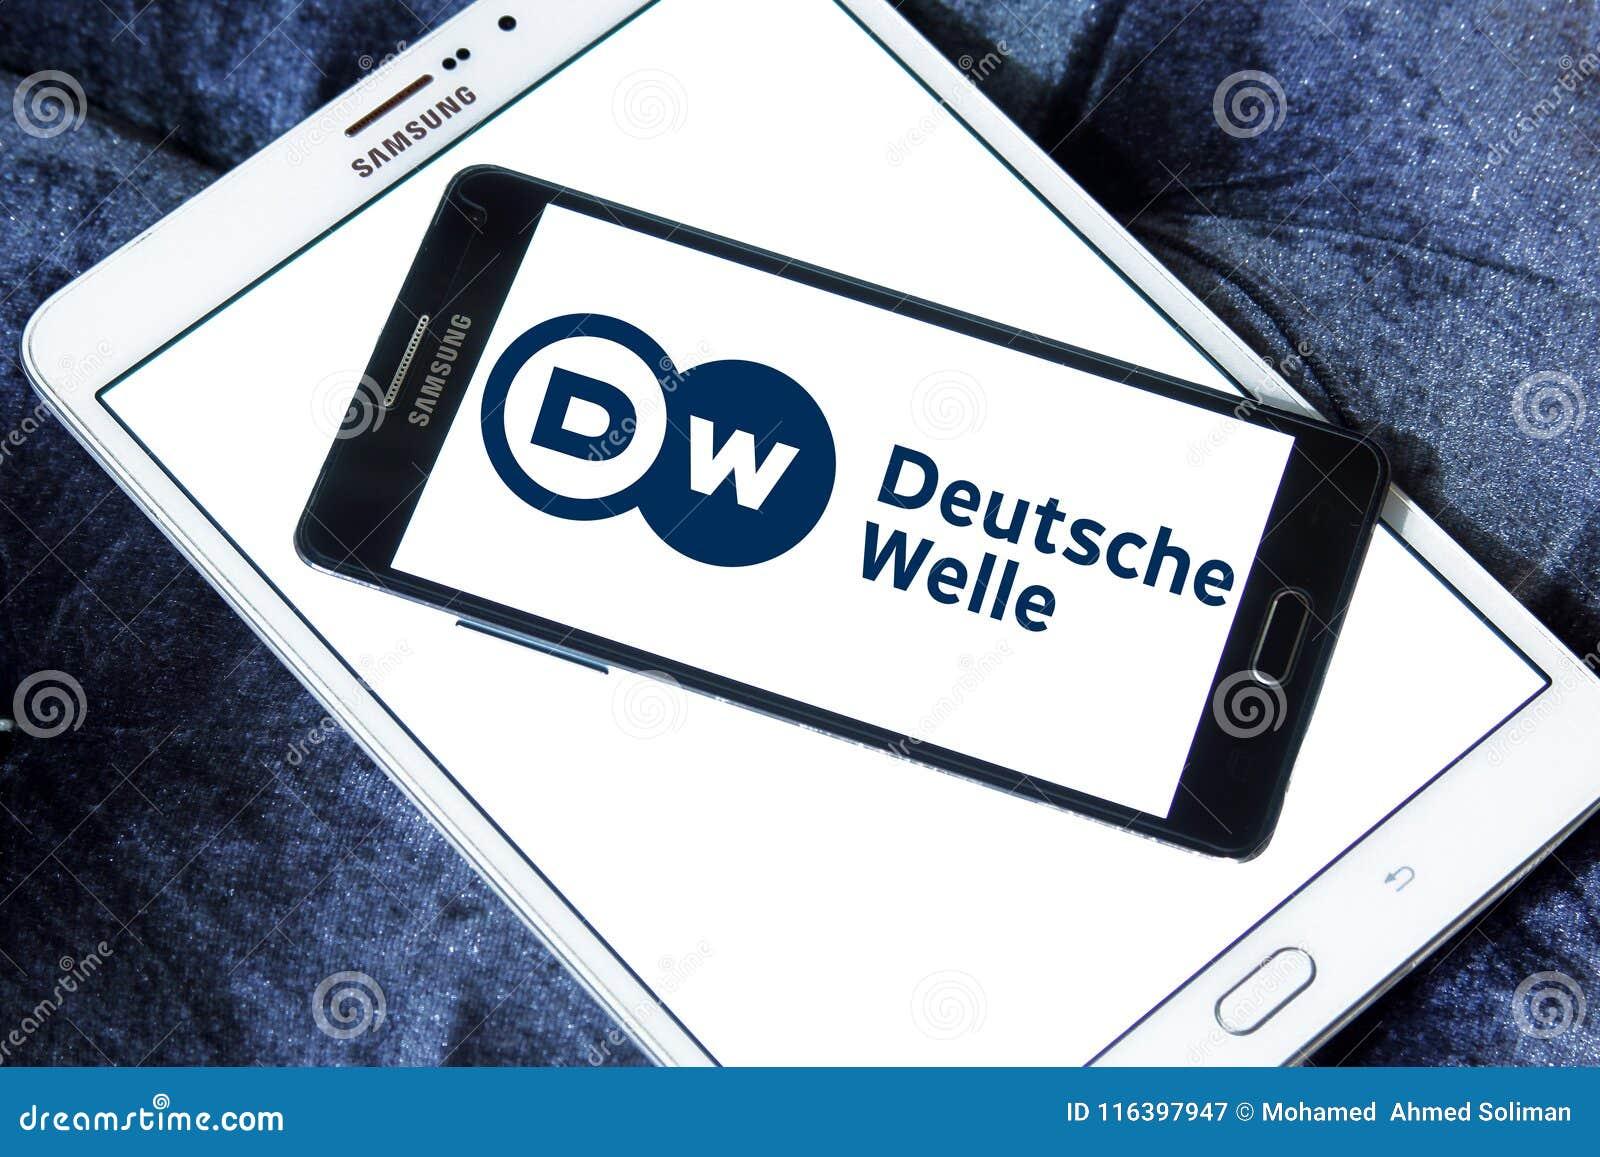 Deutsche Welle broadcaster logo